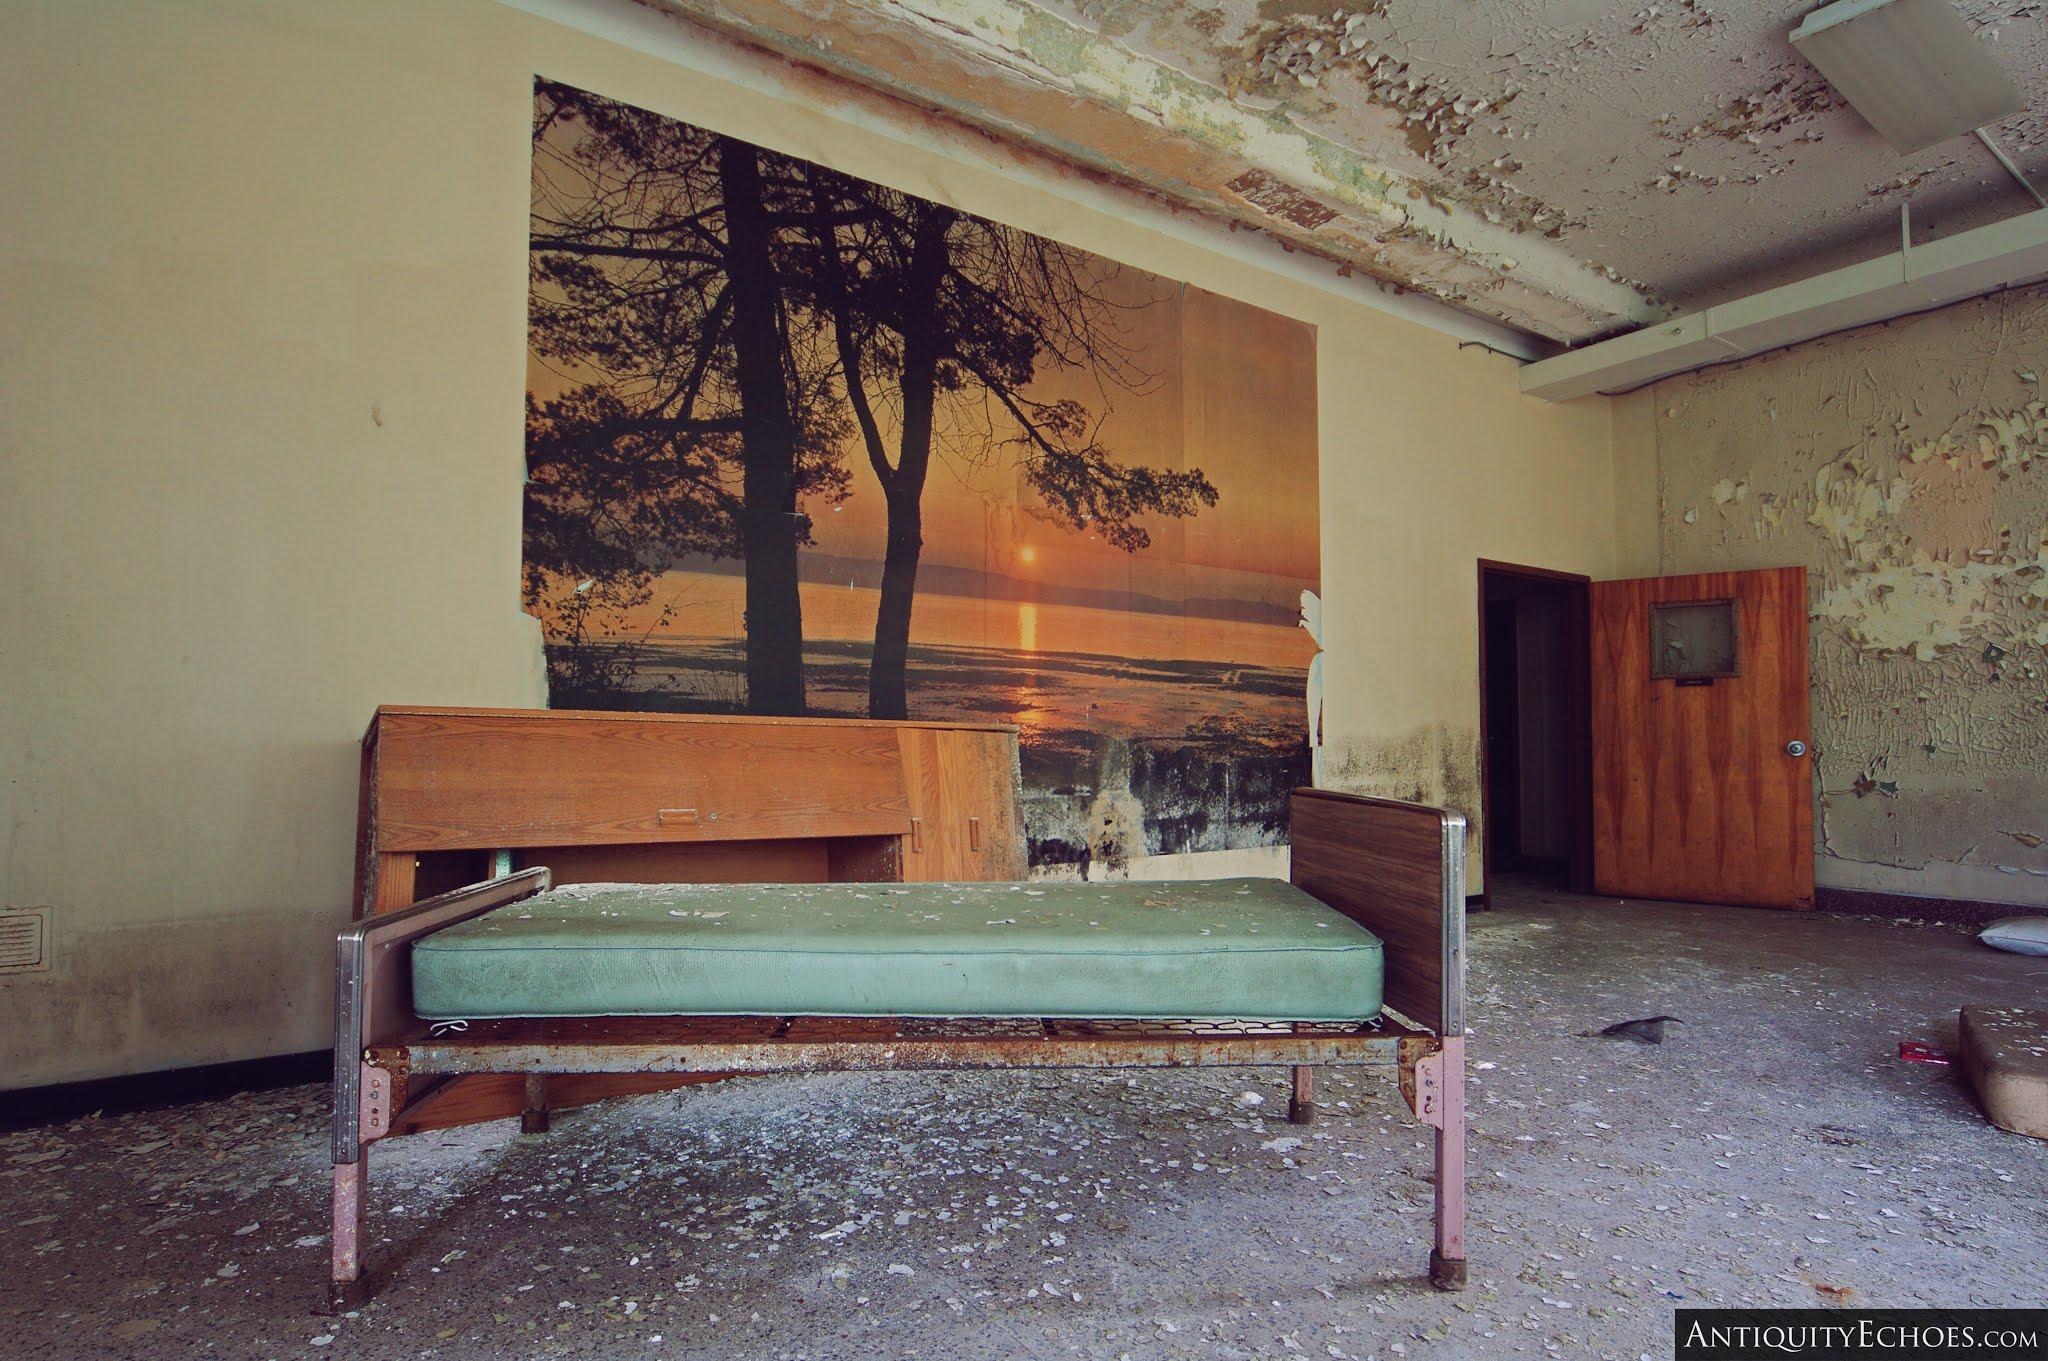 Overbrook Asylum - Idealistic Wall Art